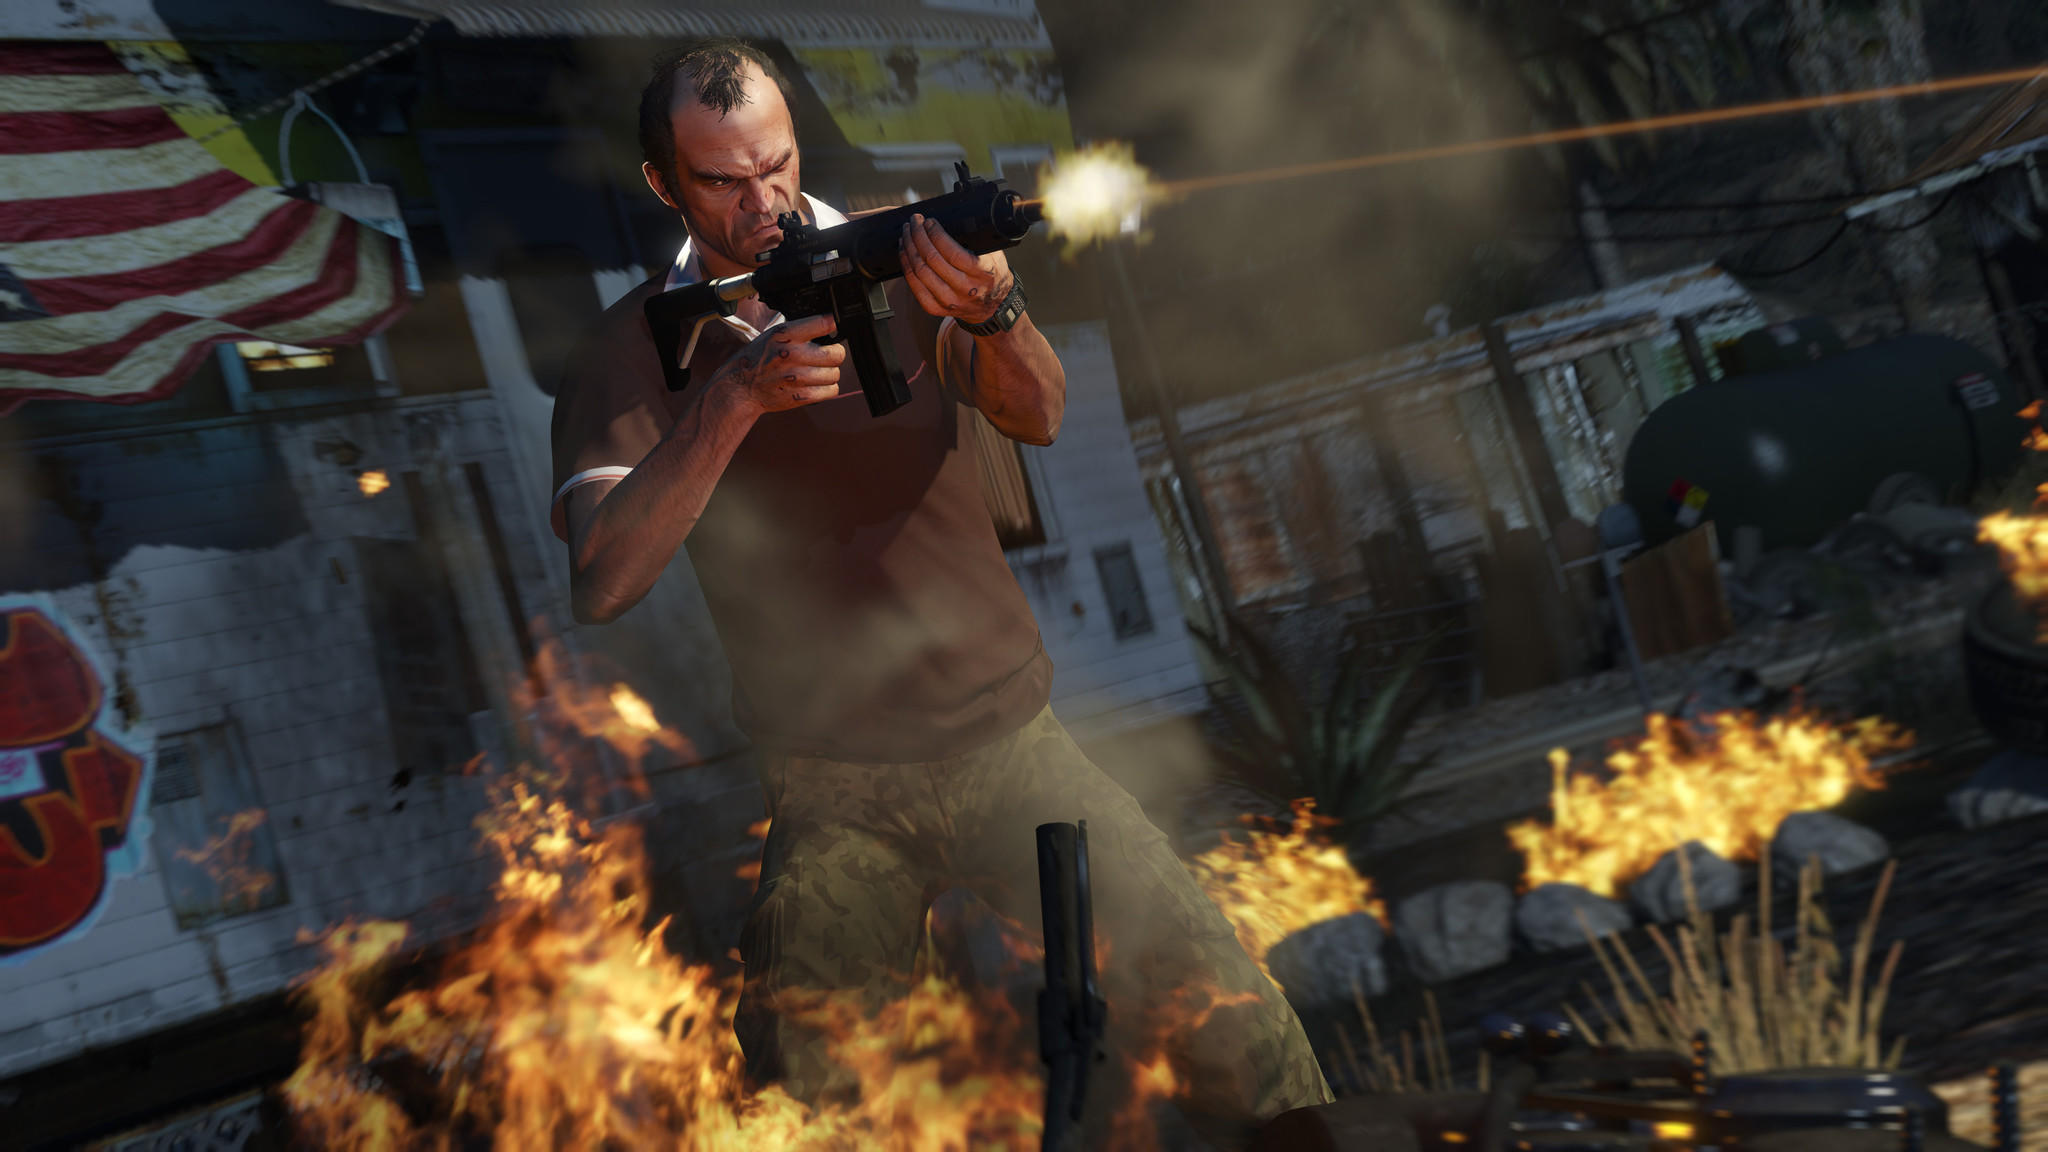 'Grand Theft Auto V' (Rockstar Games)